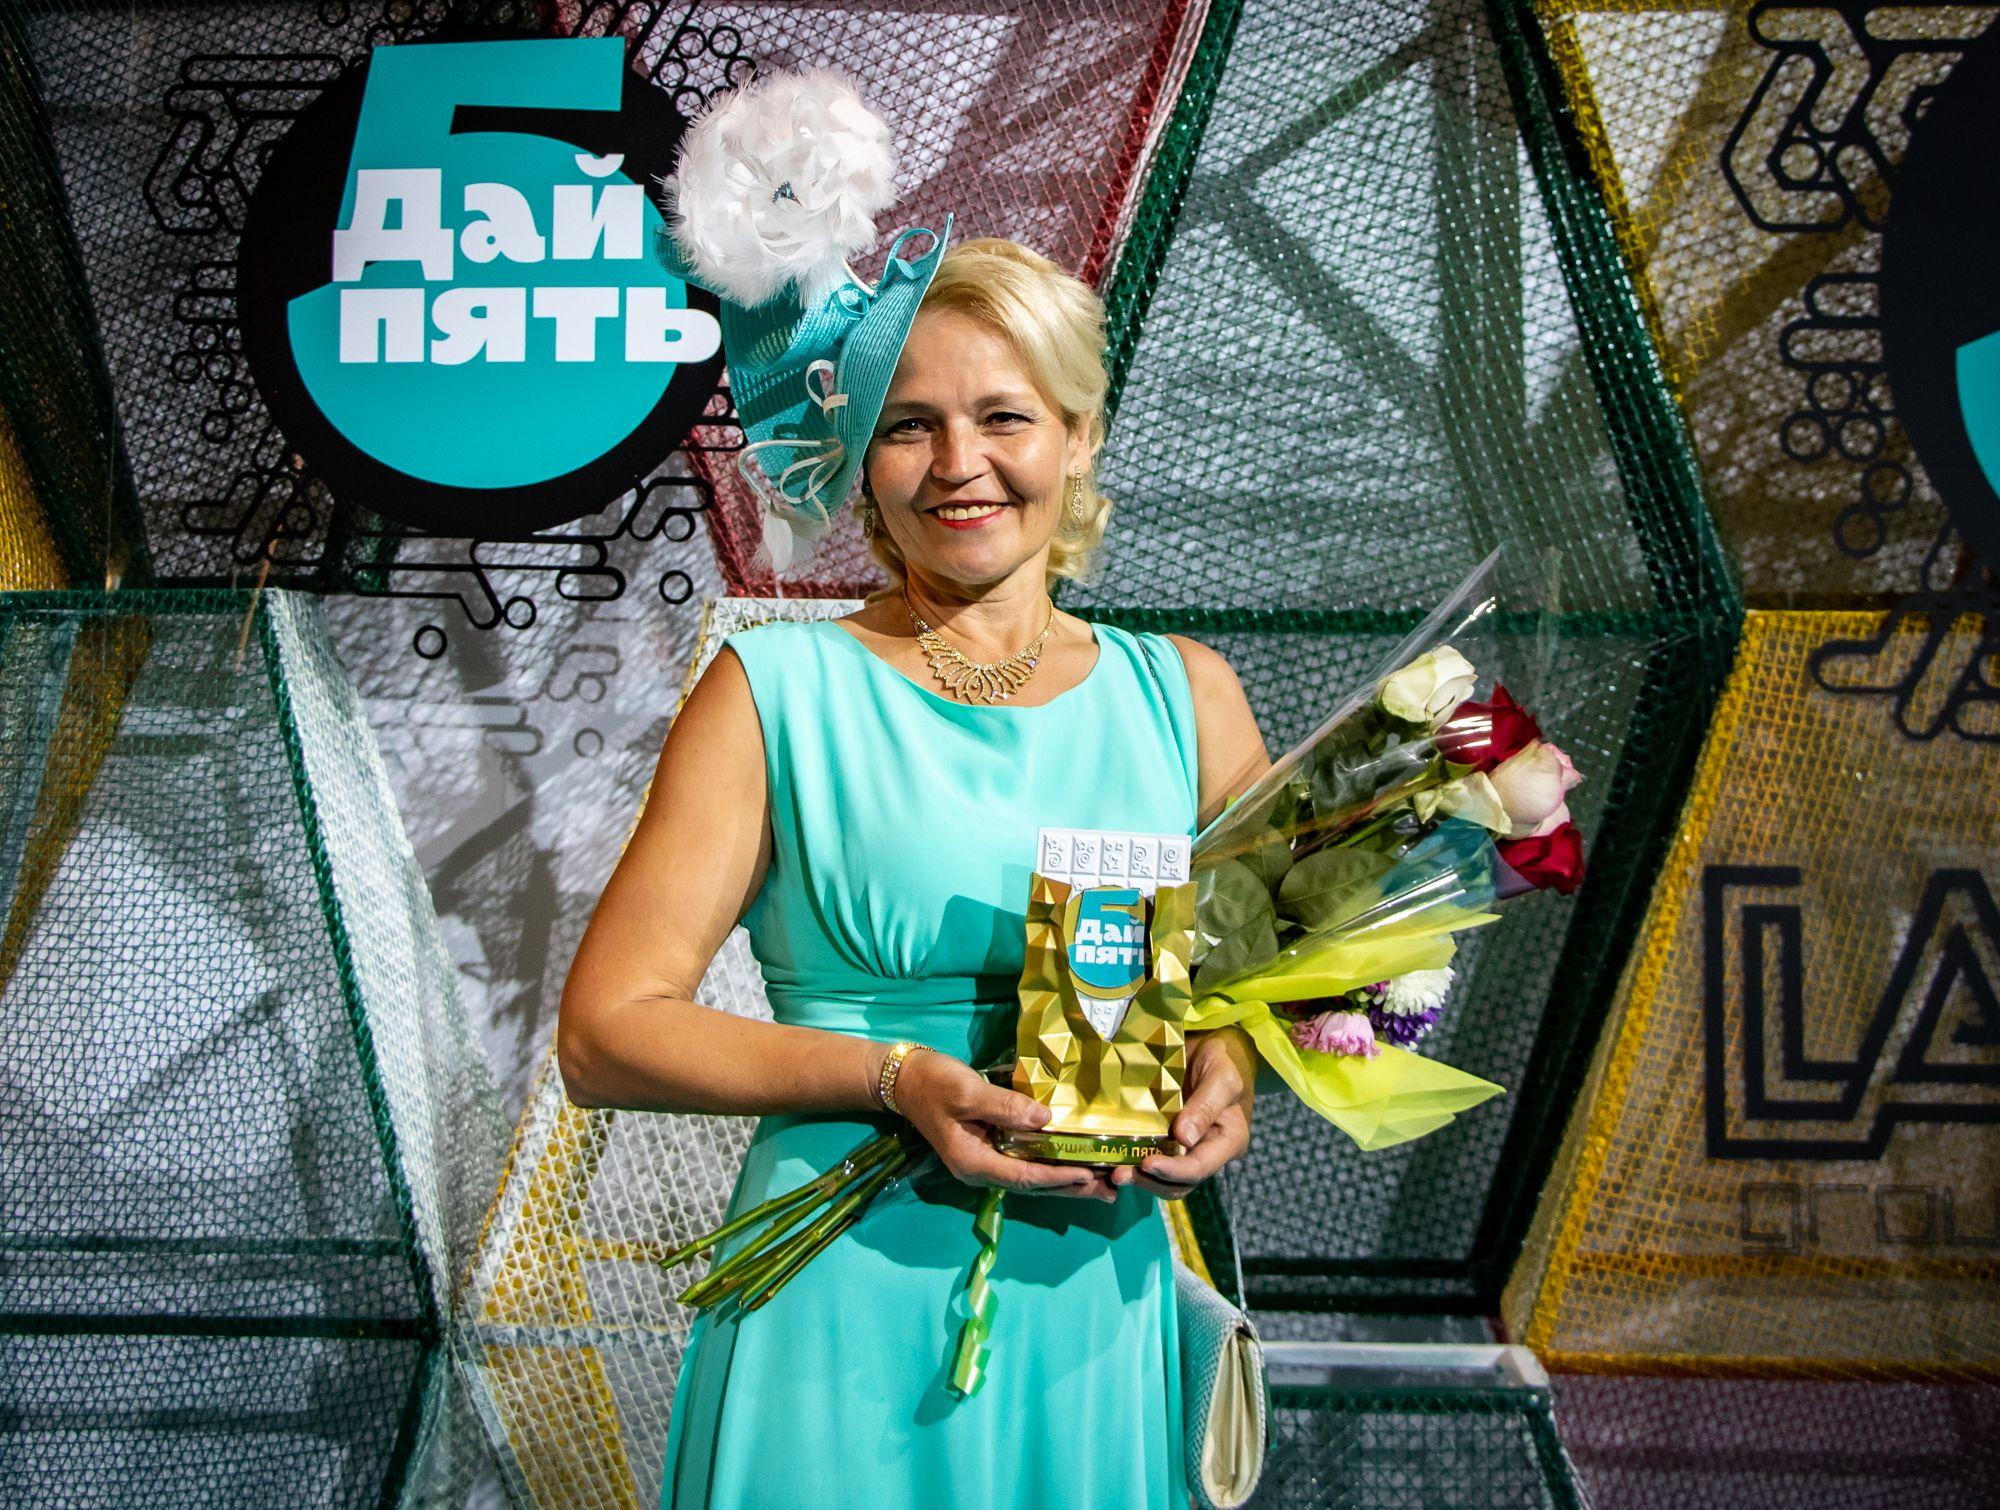 Лучшая бабушка Москвы: жительница юга победила в номинации конкурса «Дай пять!»